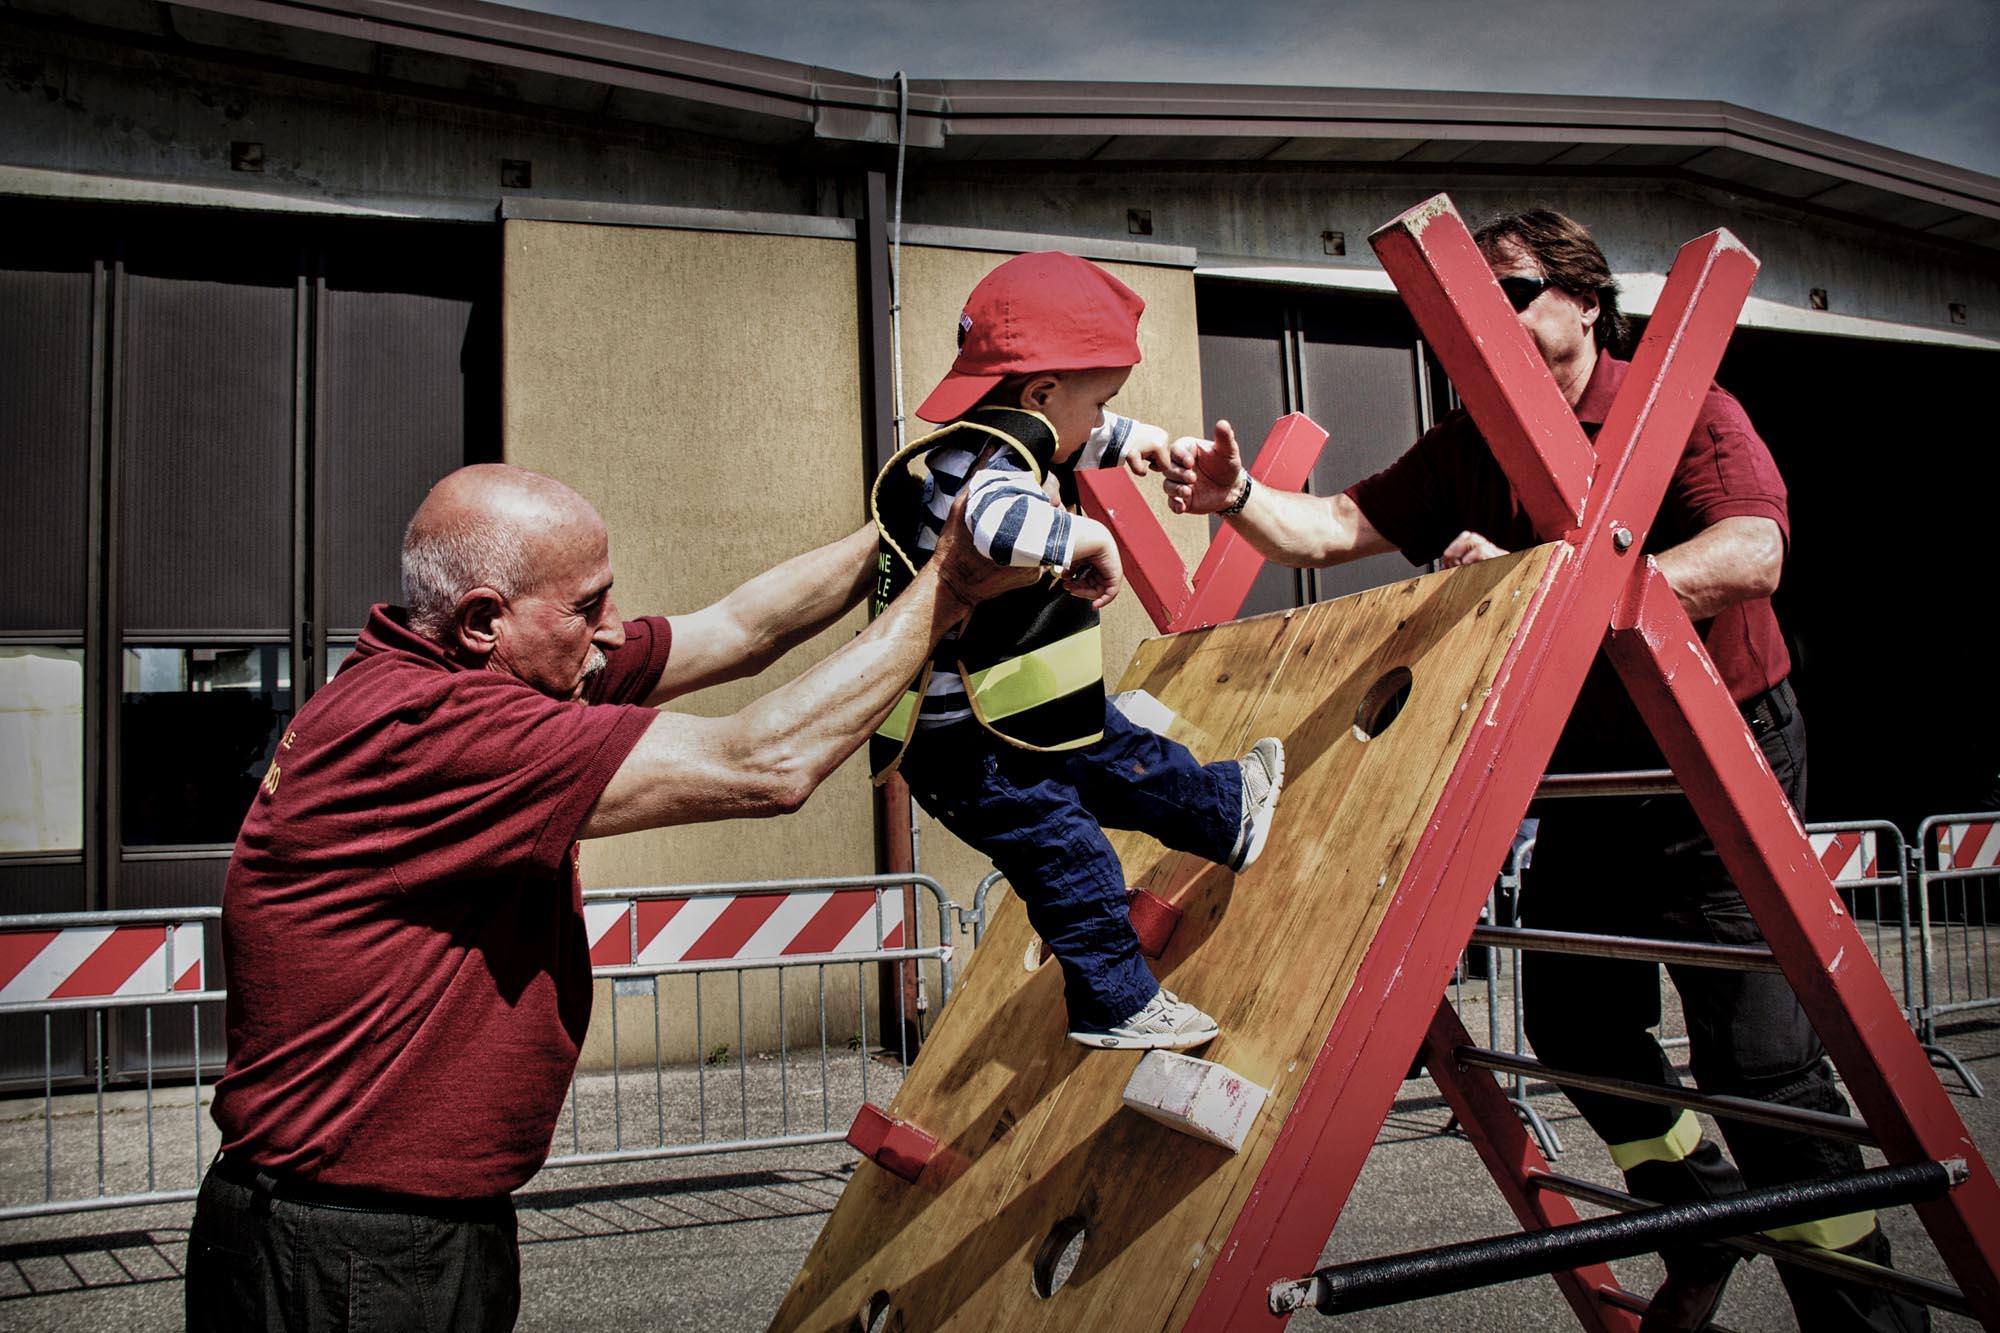 0029 pompieropoli esercitazioni antincendio bambini - Pompieropoli, esercitazione antincendio con i bambini